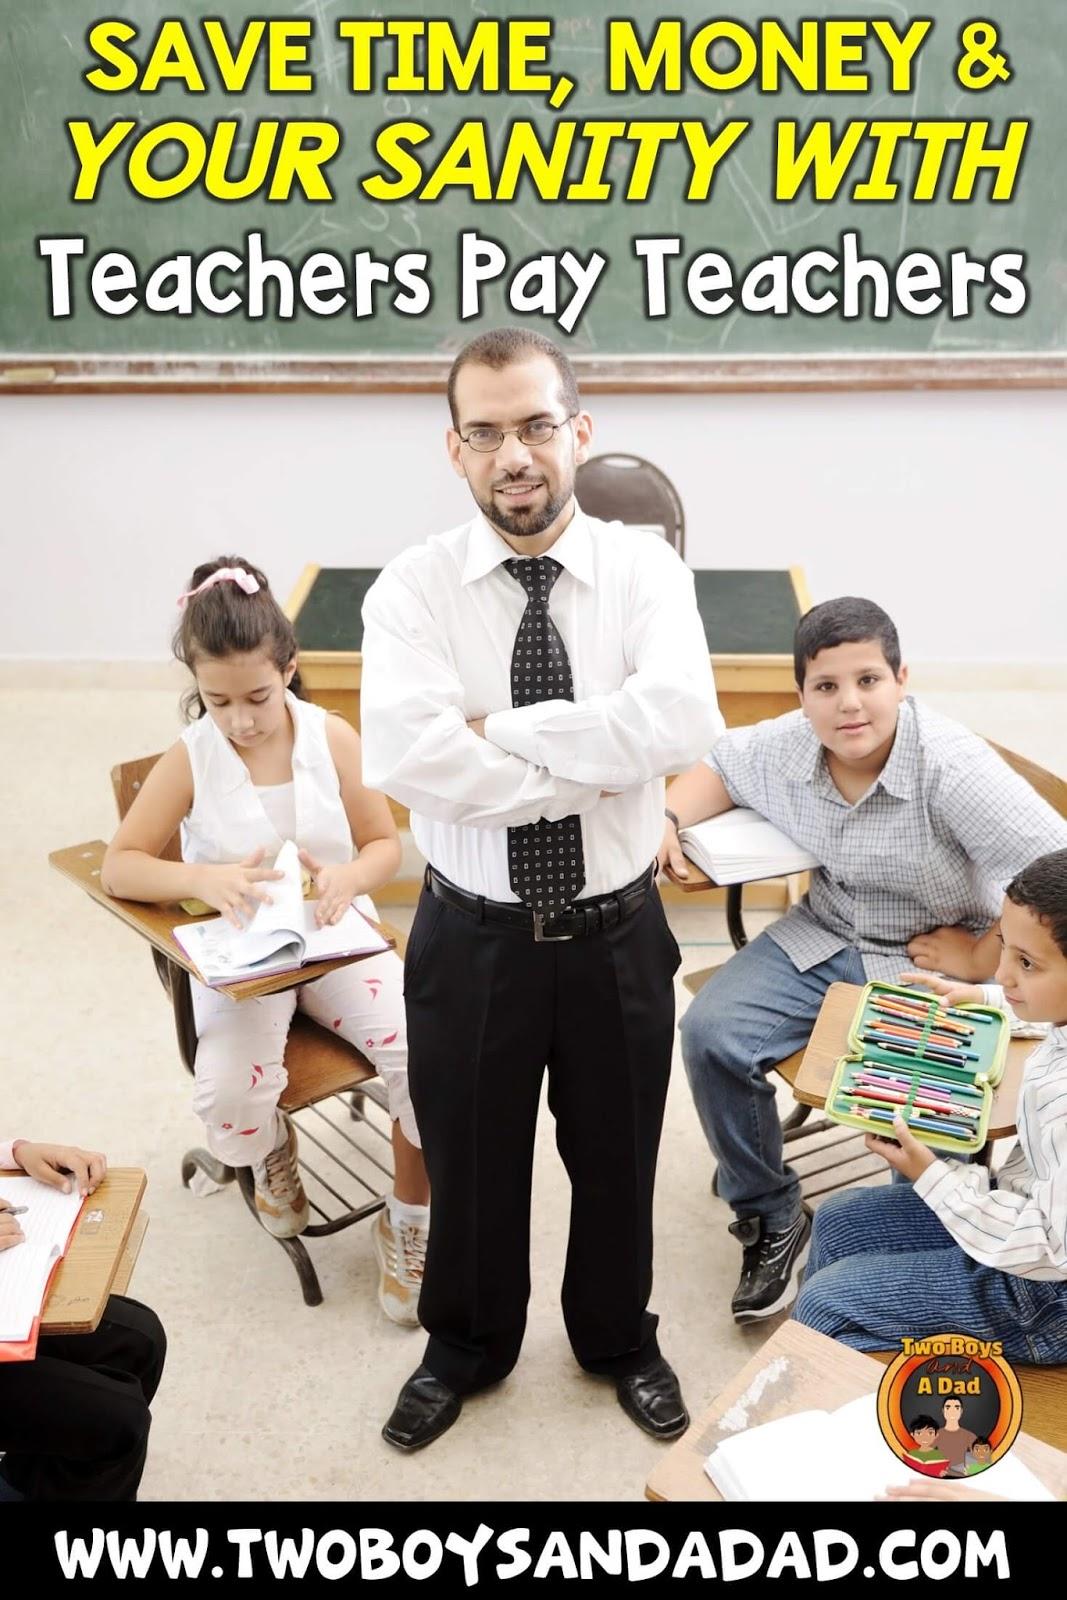 save time and money on Teachers Pay Teachers